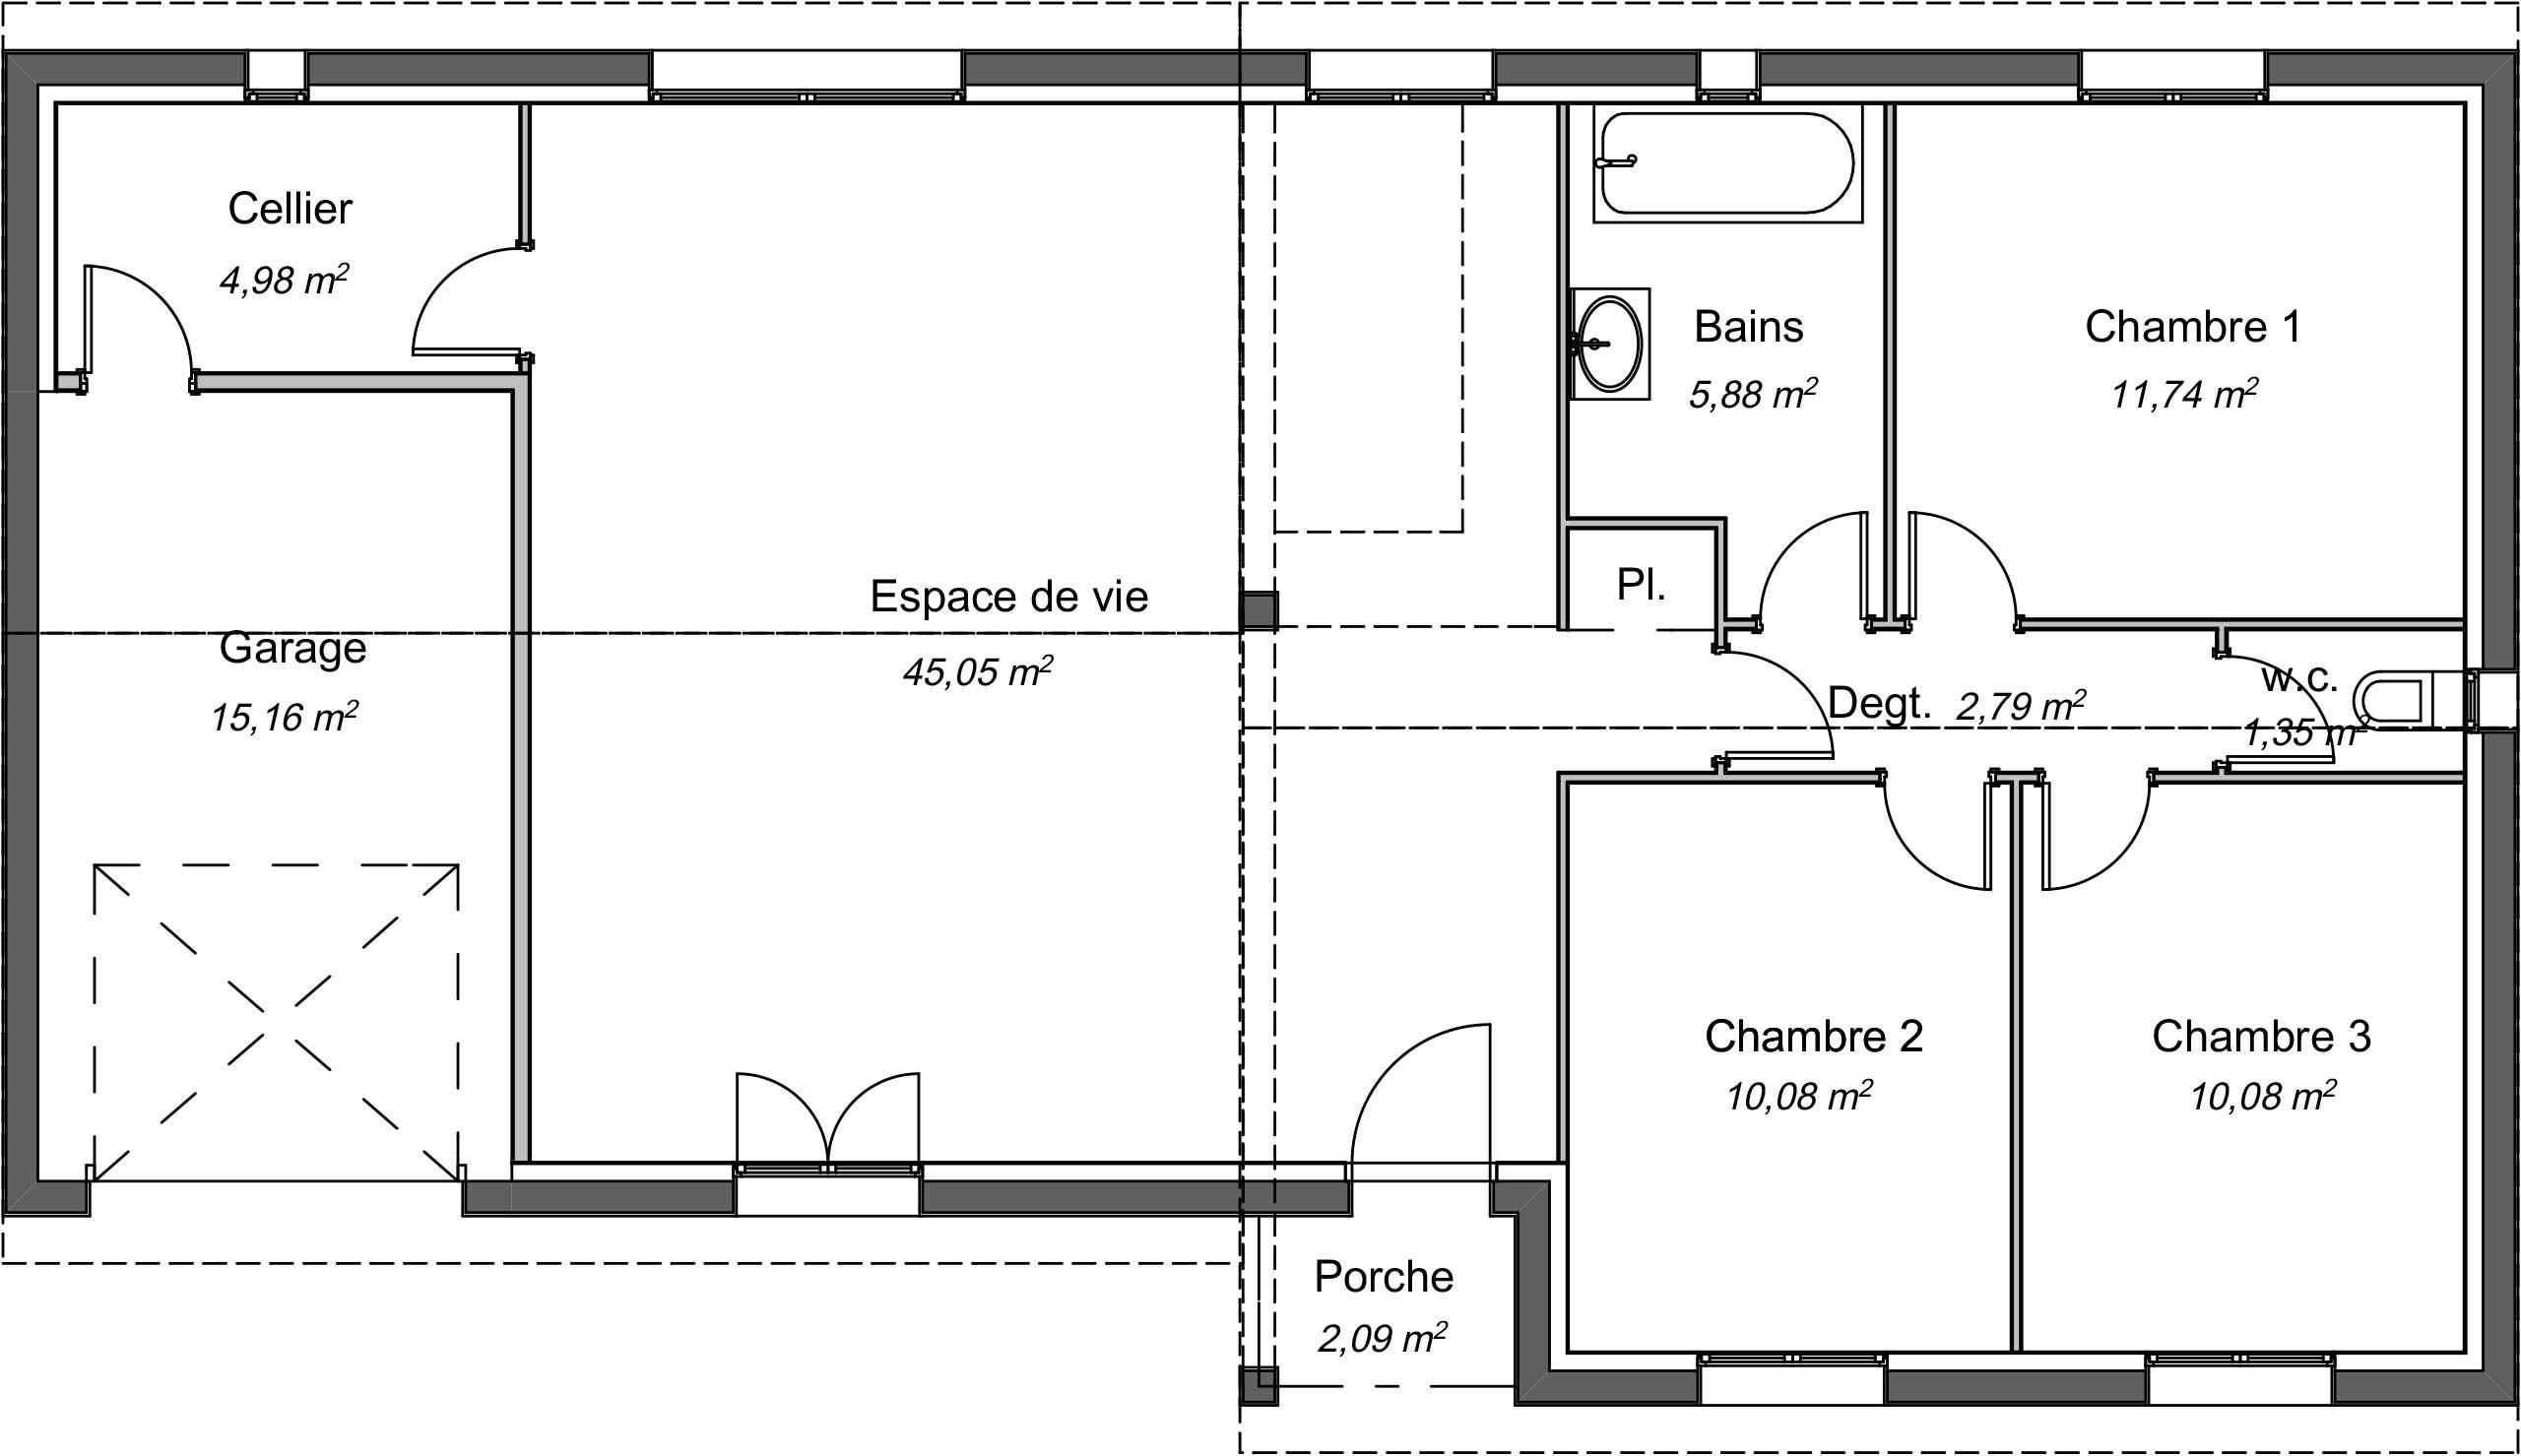 Maison contemporaine plain-pied Lilas avec plans - Demeures d